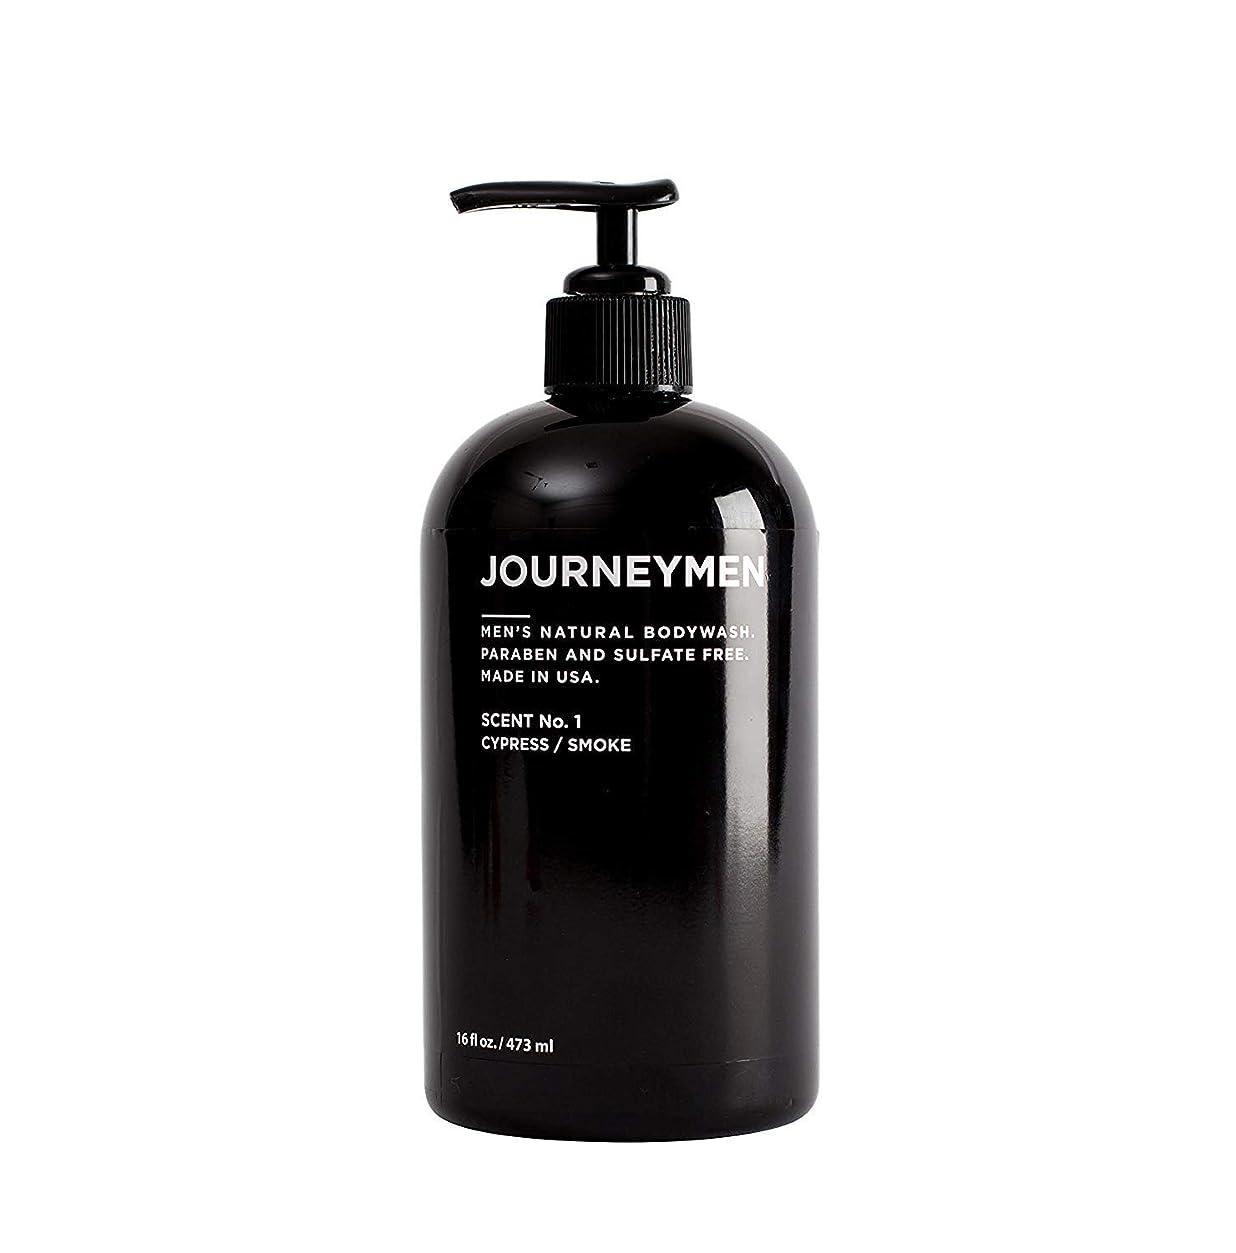 極貧瞳見出しJourneymen Natural Body Wash 16 oz/473 ml ジャーニーメンナチュラルボディウォッシュ